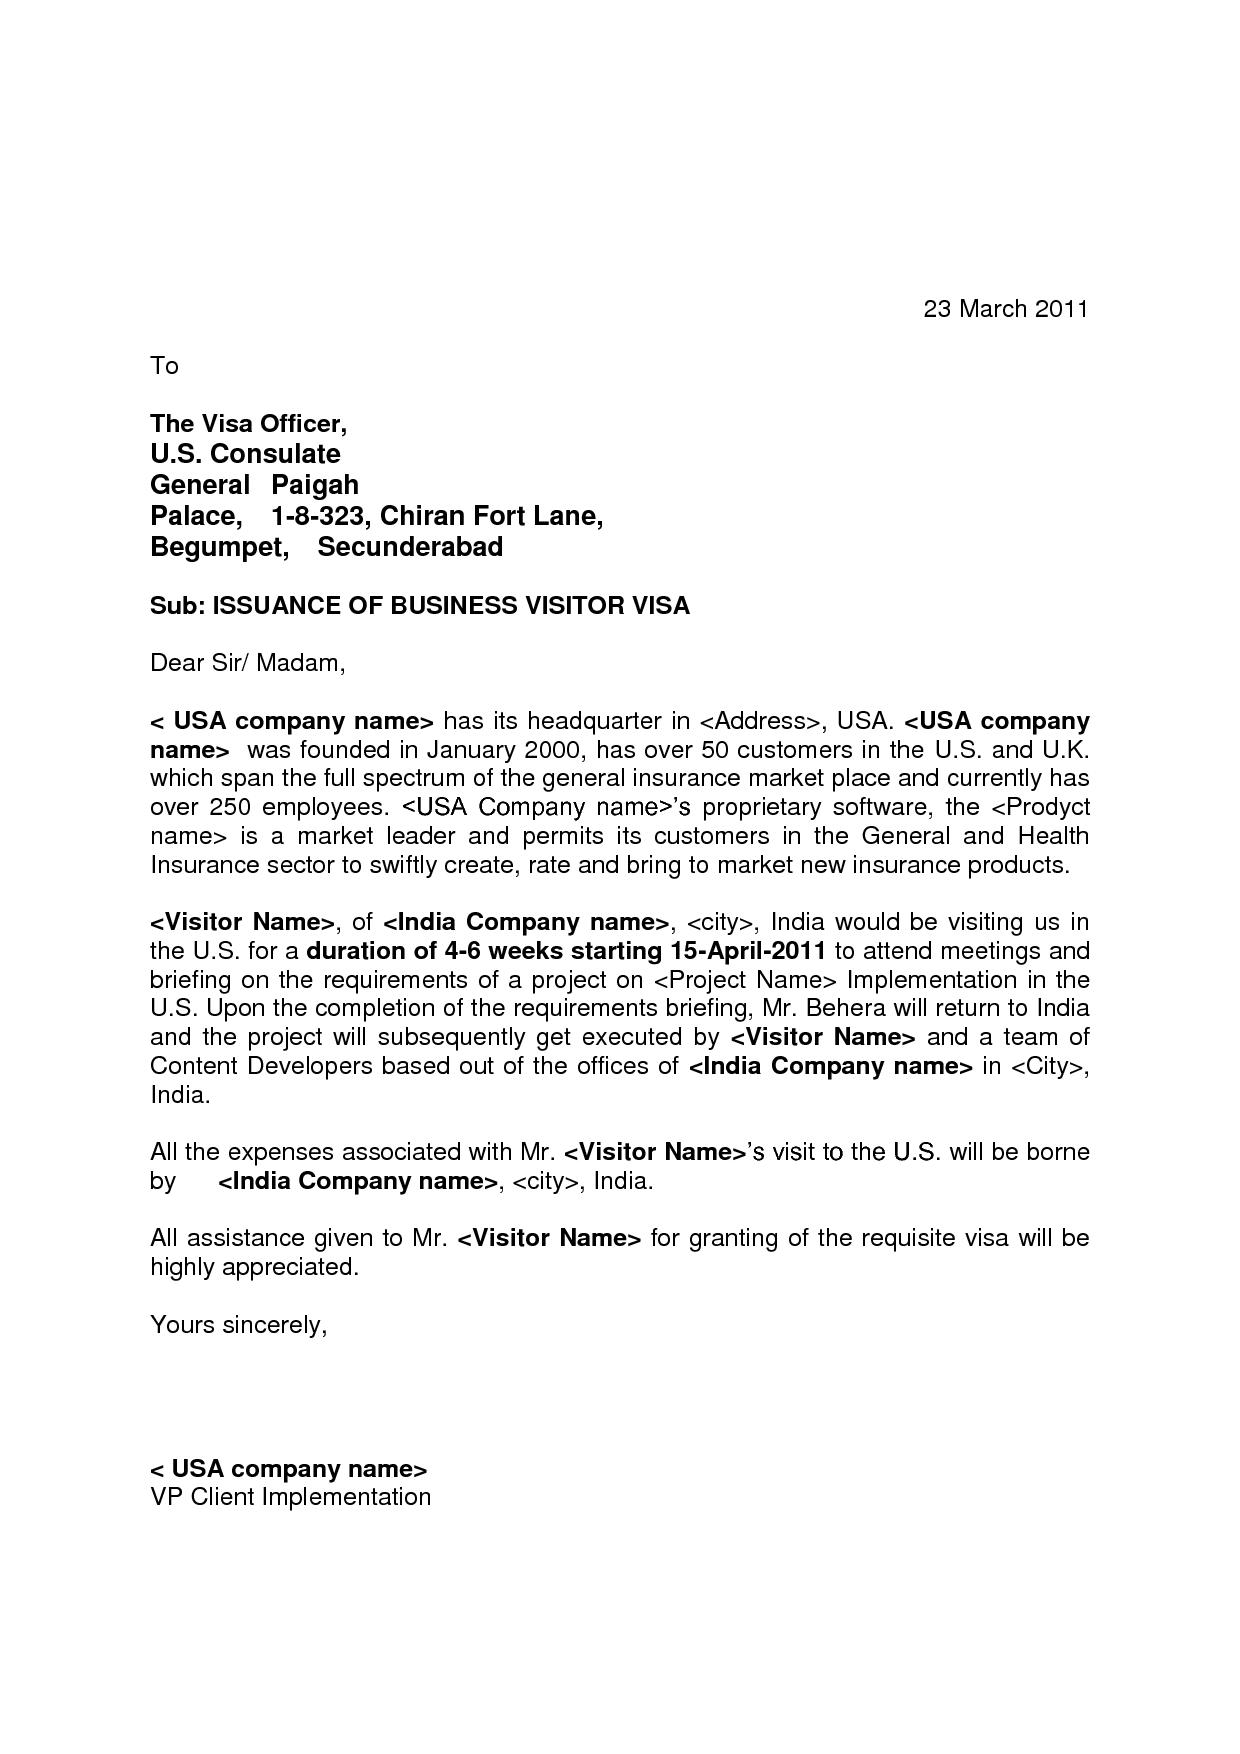 Letter Sample Format Images And Refrence Letterkans Xyz Sample Resume Cover Letter Sponsorship Letter Business Letter Template